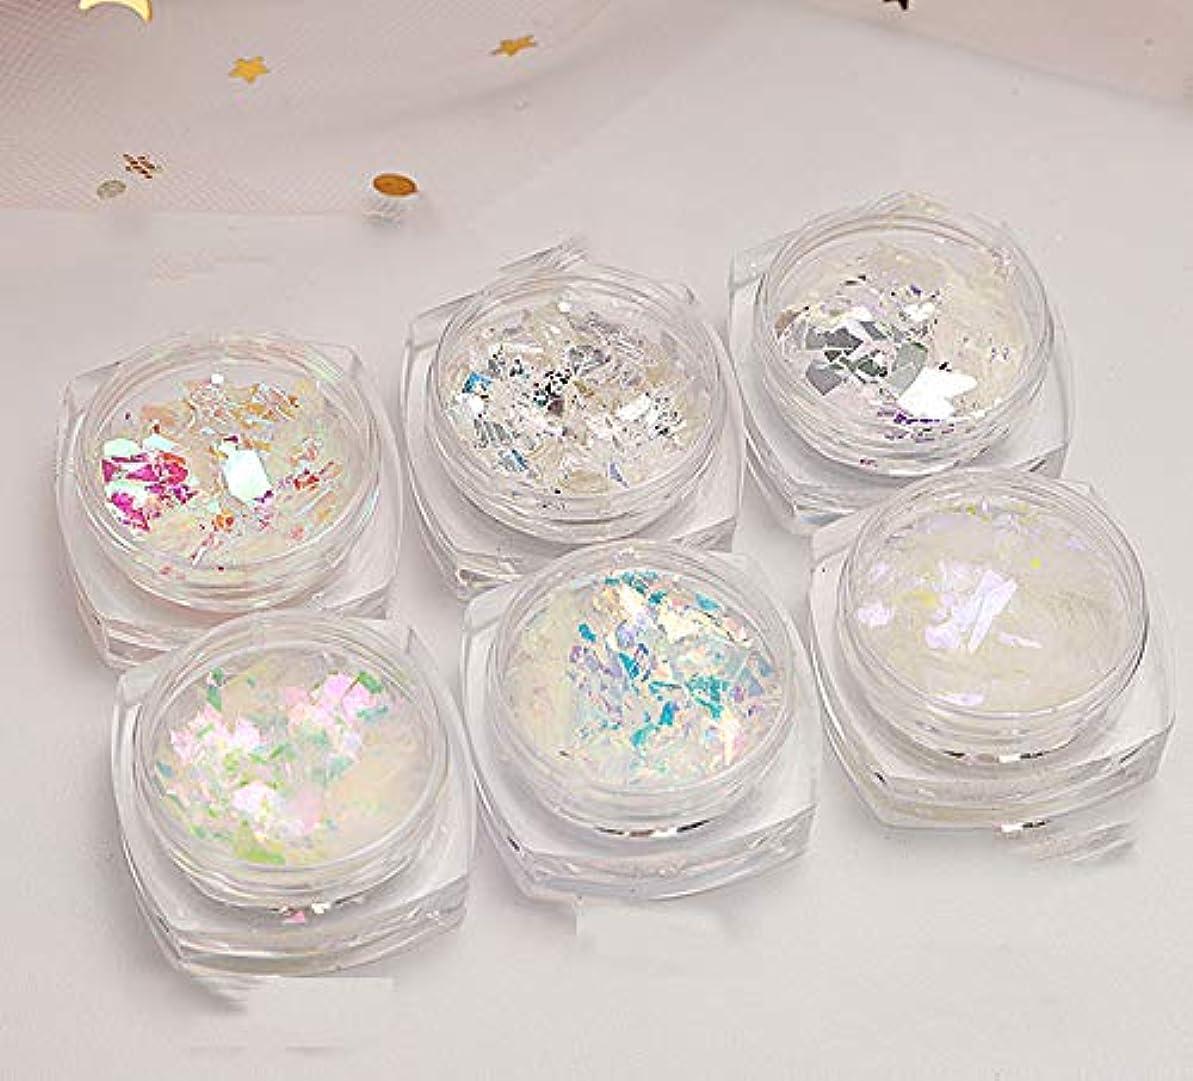 凍った放棄するキャビンTakarafune ネイル ホログラム ネイルパーツ オーロラホワイト 乱切 6色セット ミラーアートホイル ネイルアート箔 ジェルネイル用品